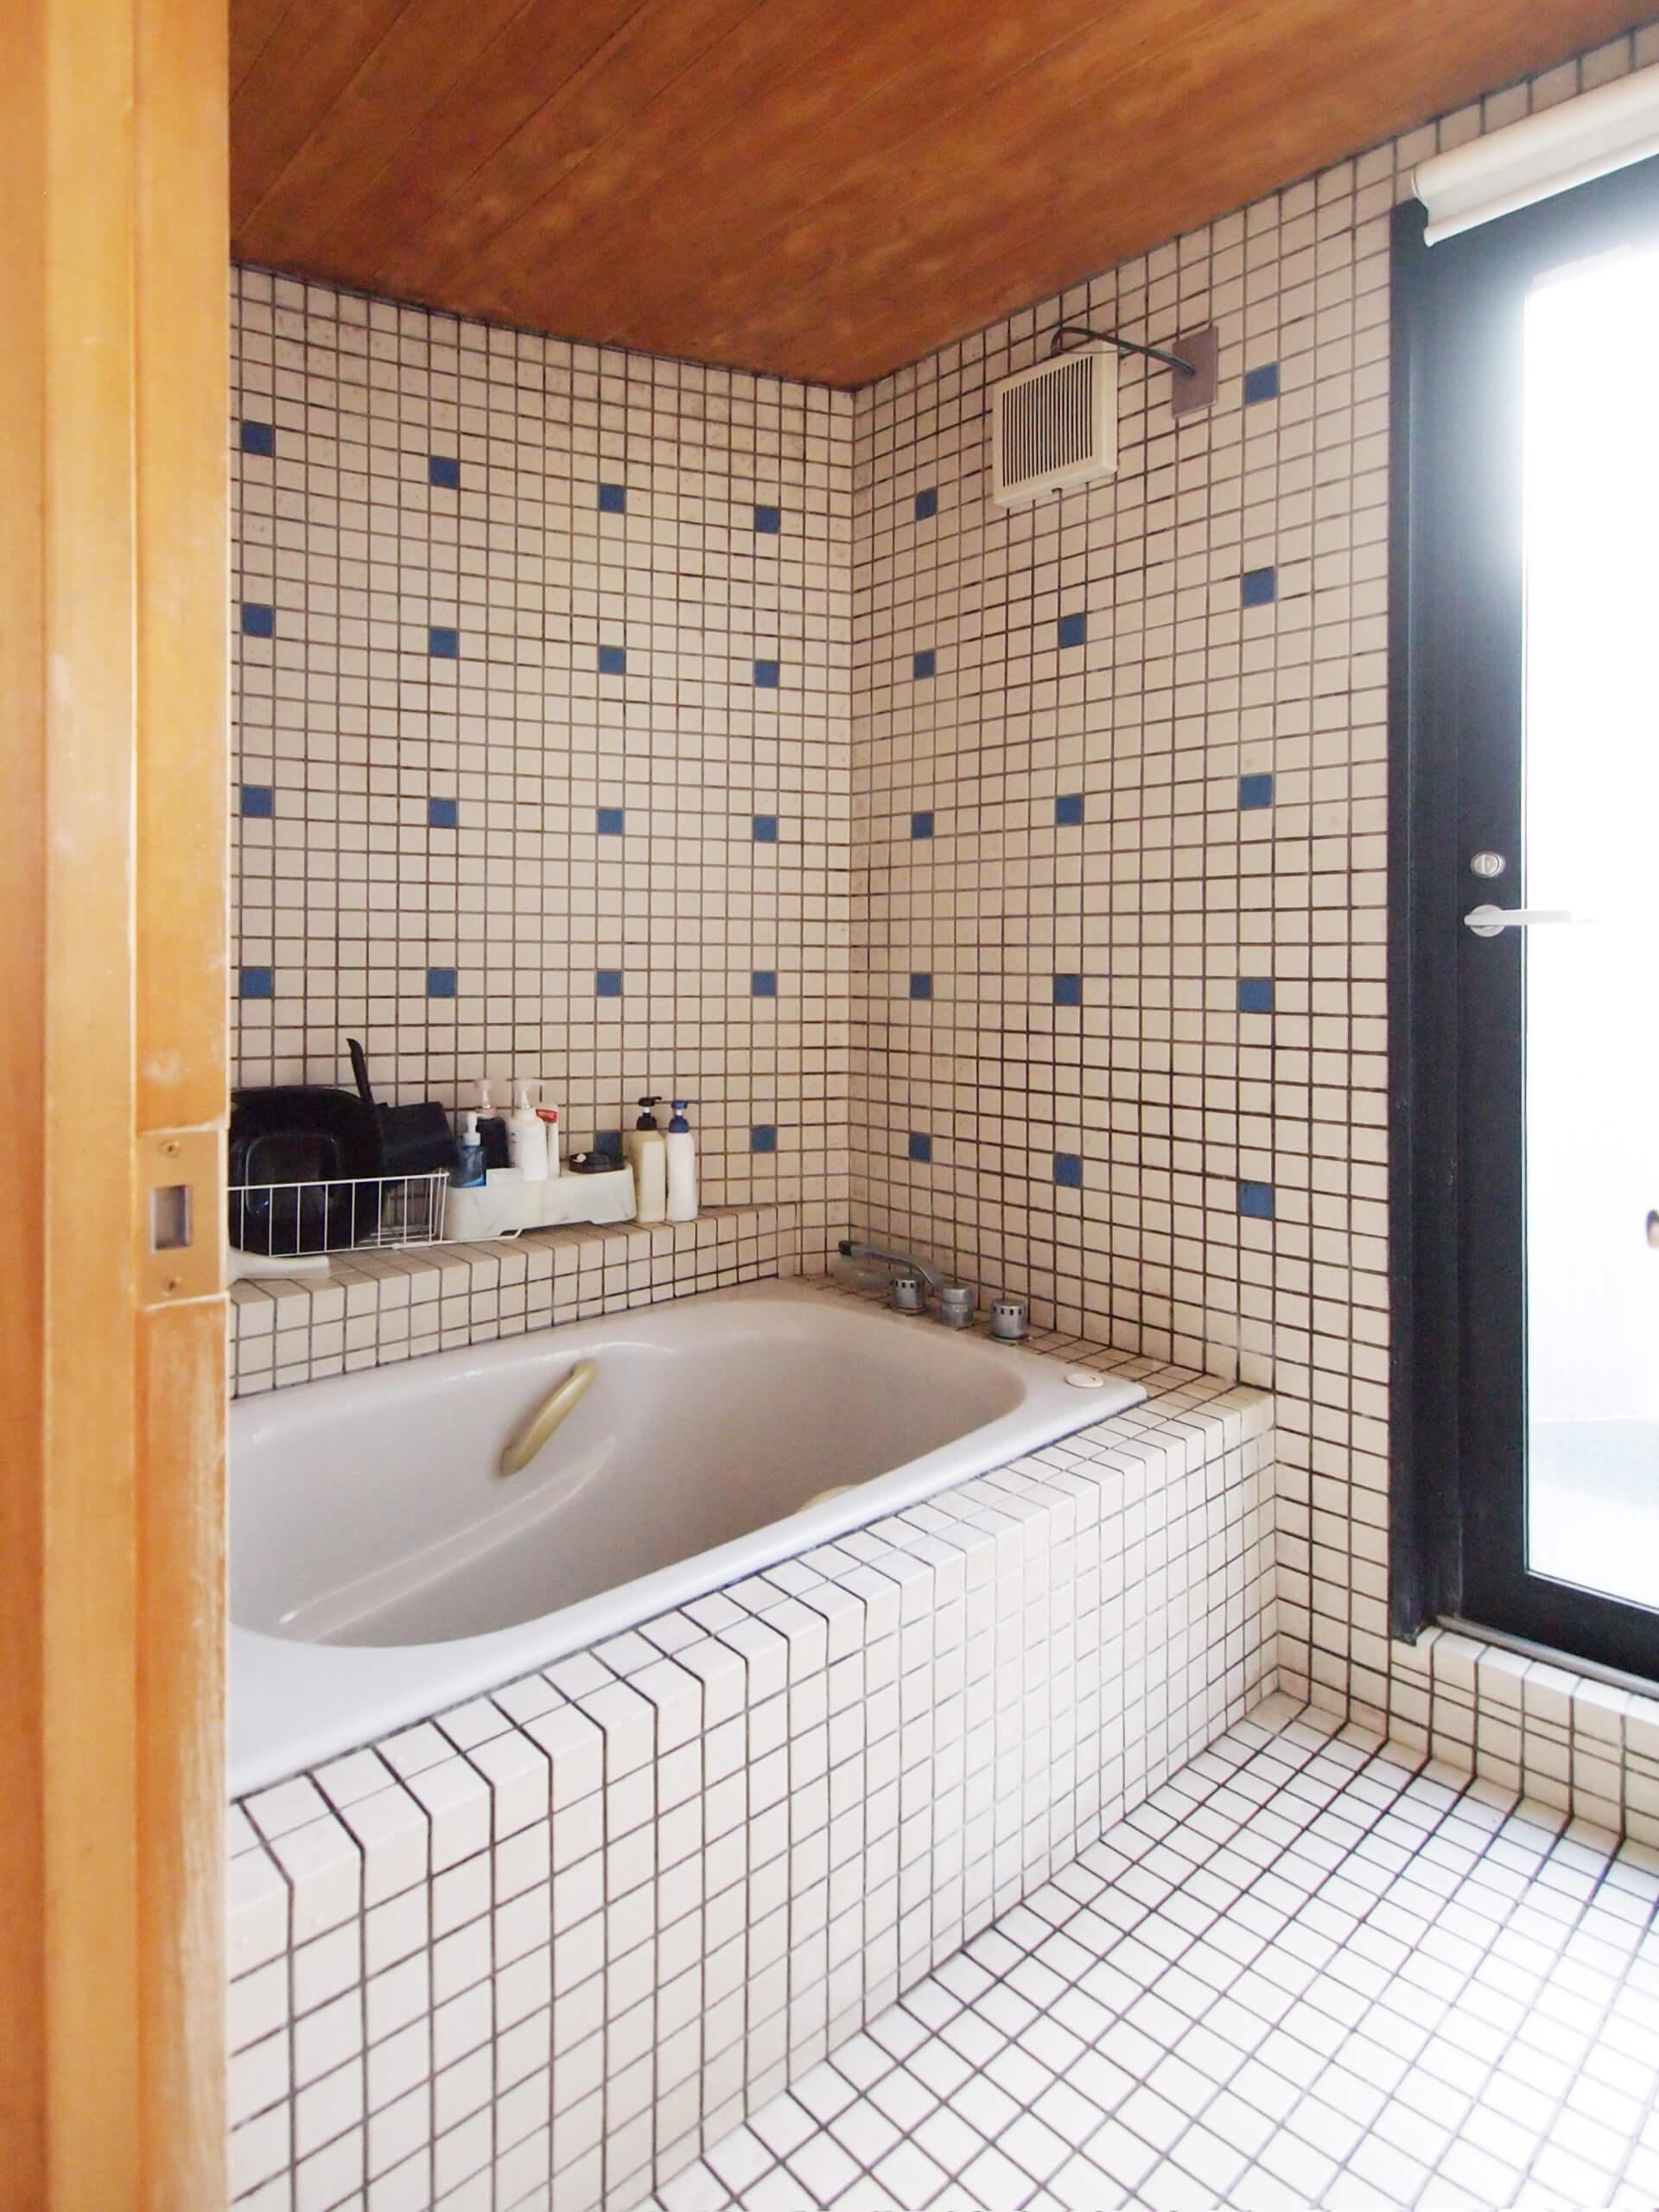 【北側】浴室。水回りは南側・北側のそれぞれに用意されている